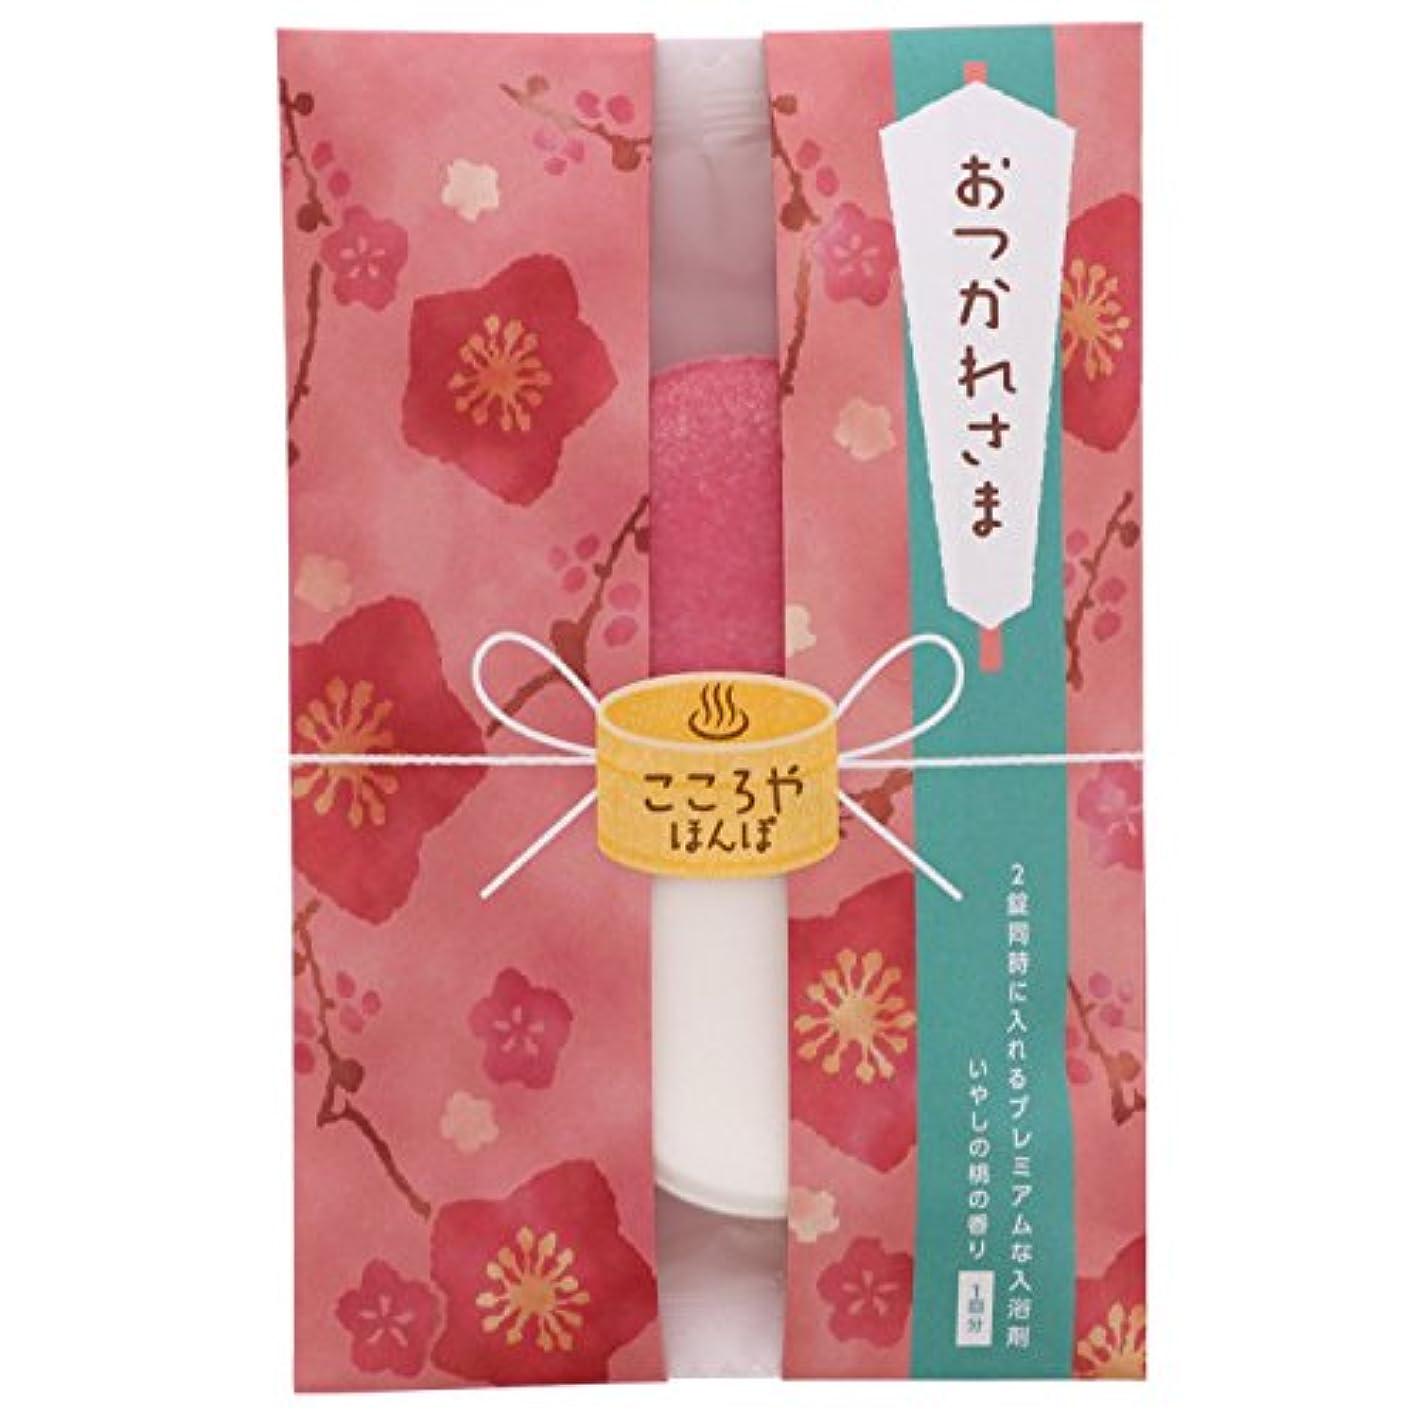 どう?傾くジャンプこころやほんぽ カジュアルギフト 入浴剤 おつかれさま 桃の香り 50g